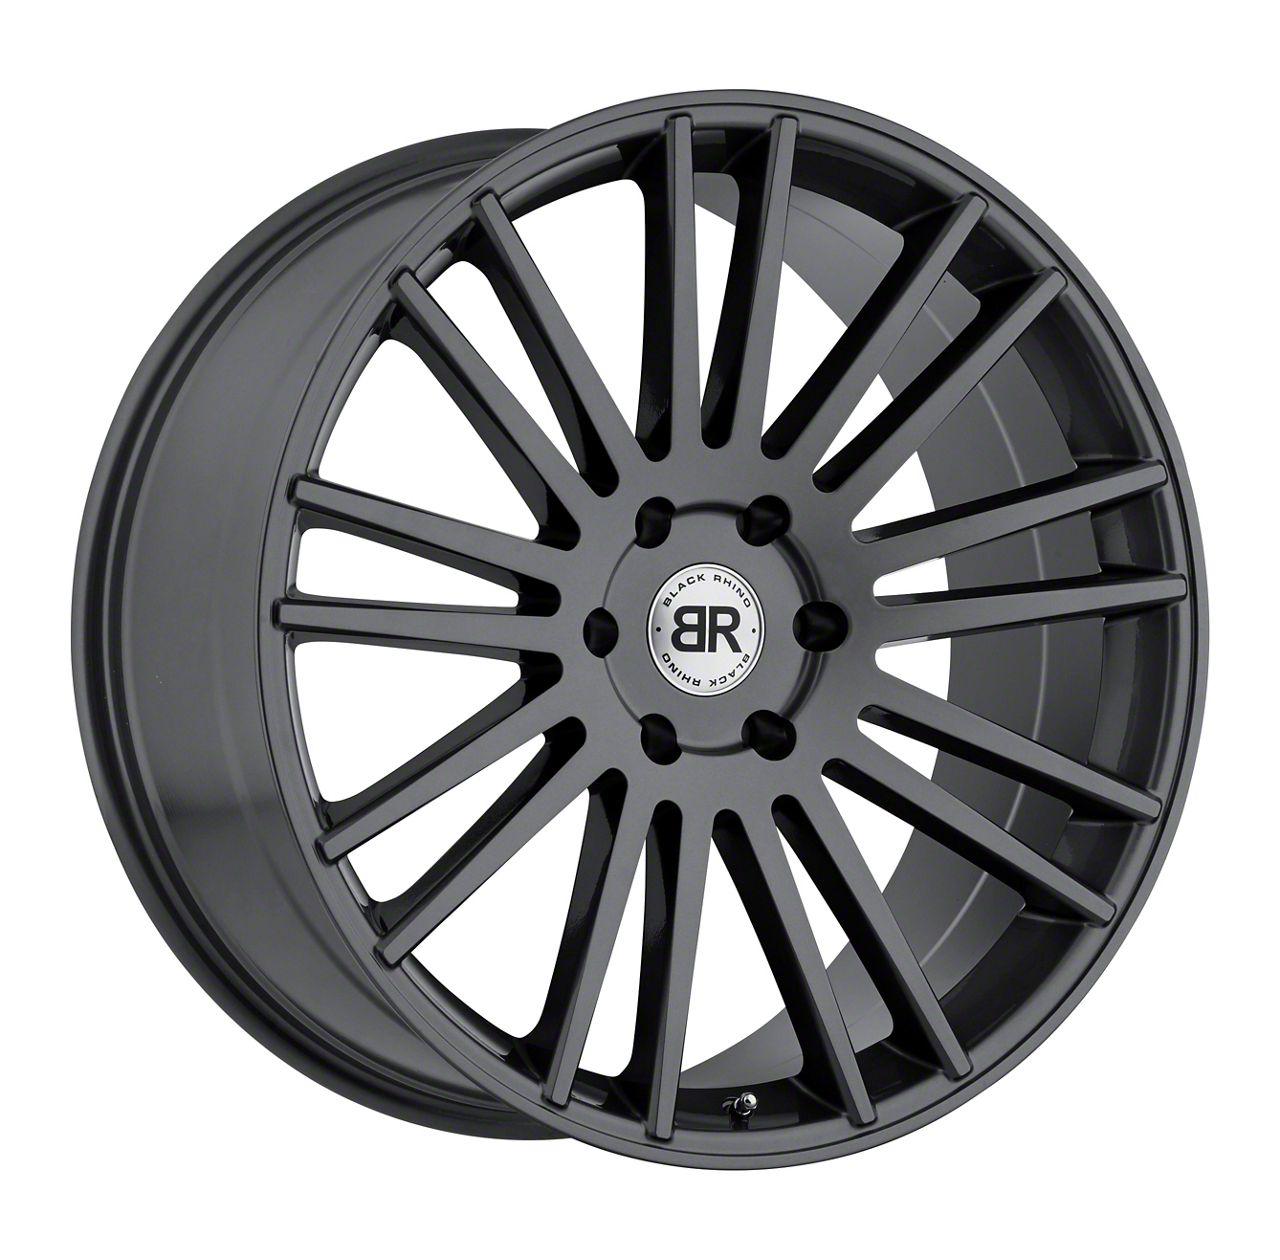 Black Rhino Karoo Gloss Gunmetal 6-Lug Wheel - 24x10 (04-19 F-150)